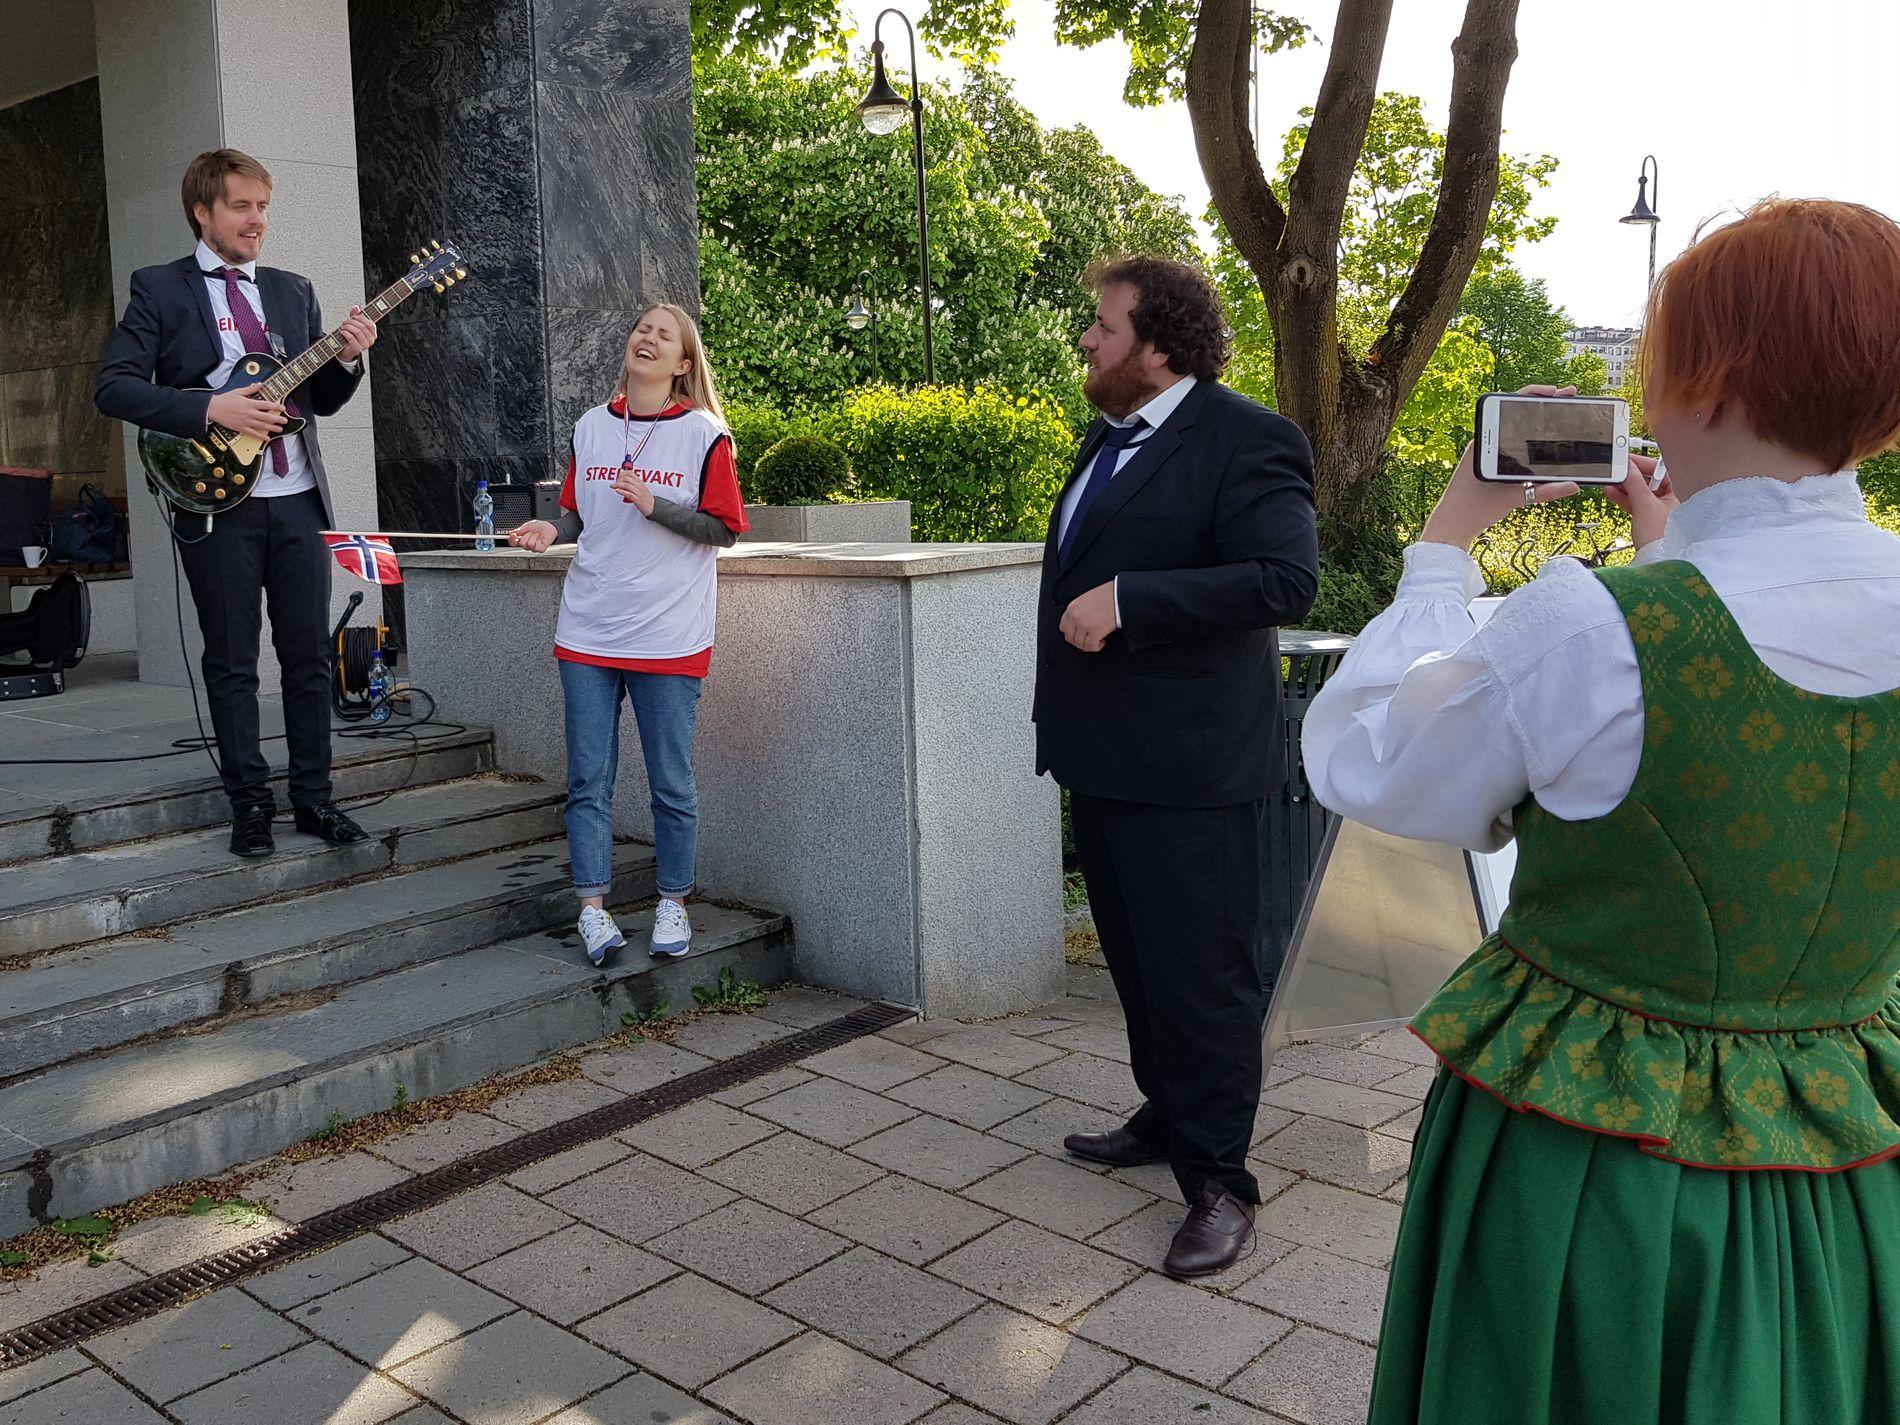 P3morgen Sendte Live Fra Streikevakt Skummelt Trist Og Veldig Rart Vg